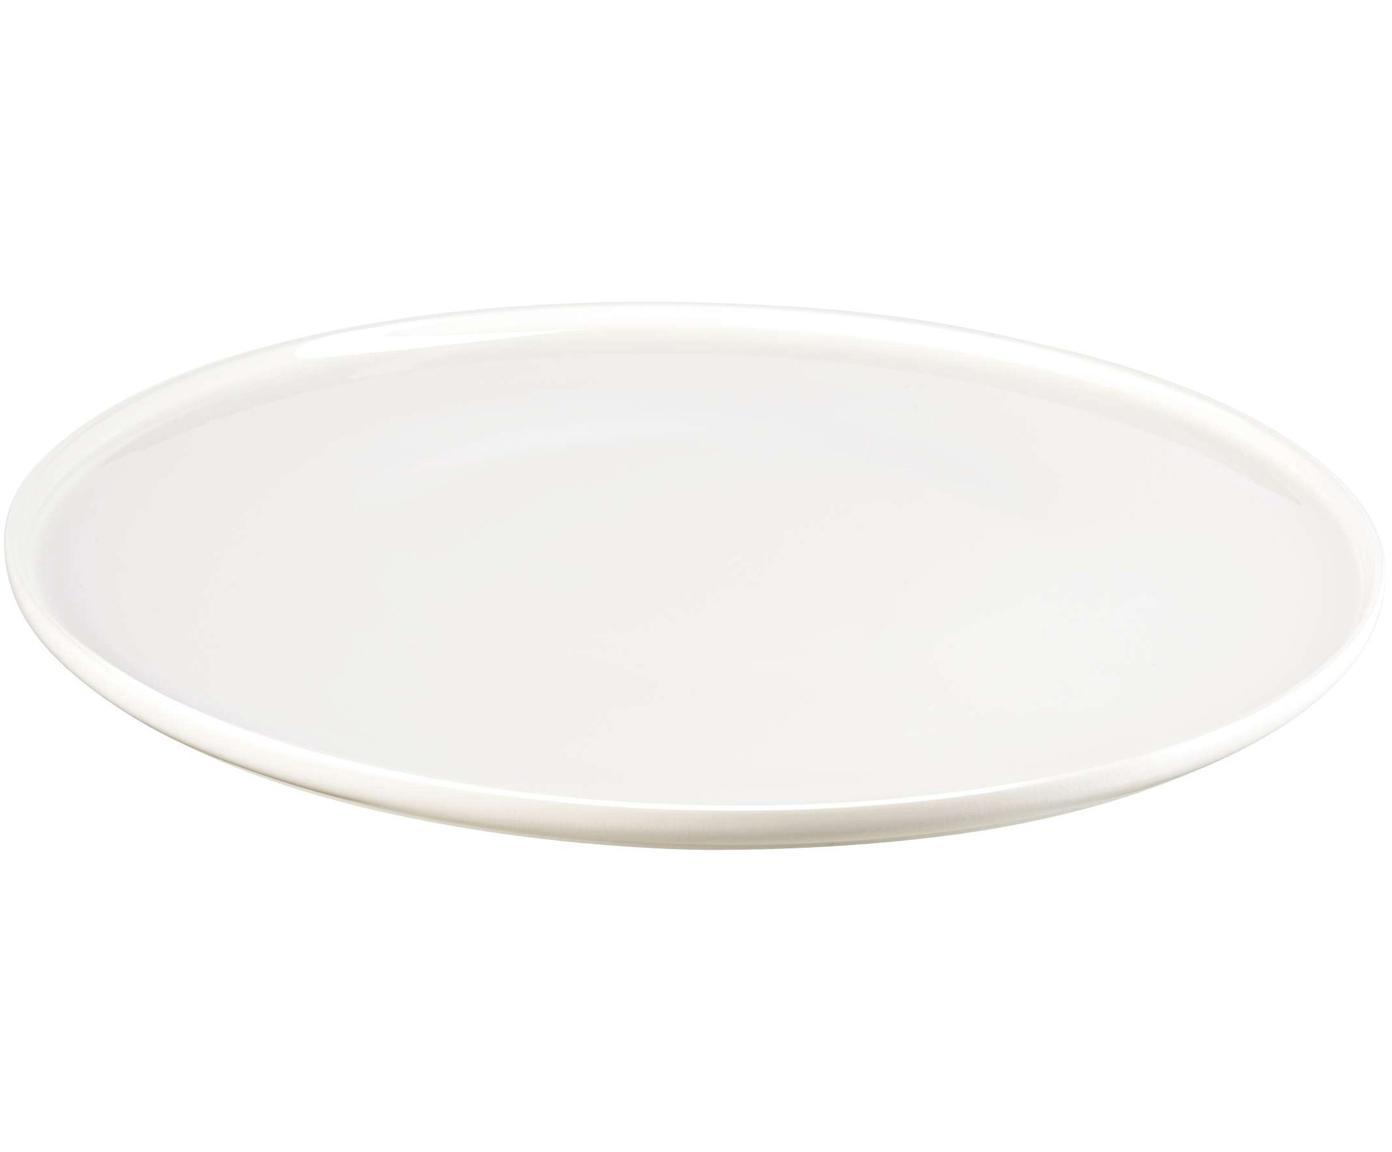 Dinerborden Oco, 6 stuks, Beenderporselein, Wit, Ø 27 cm